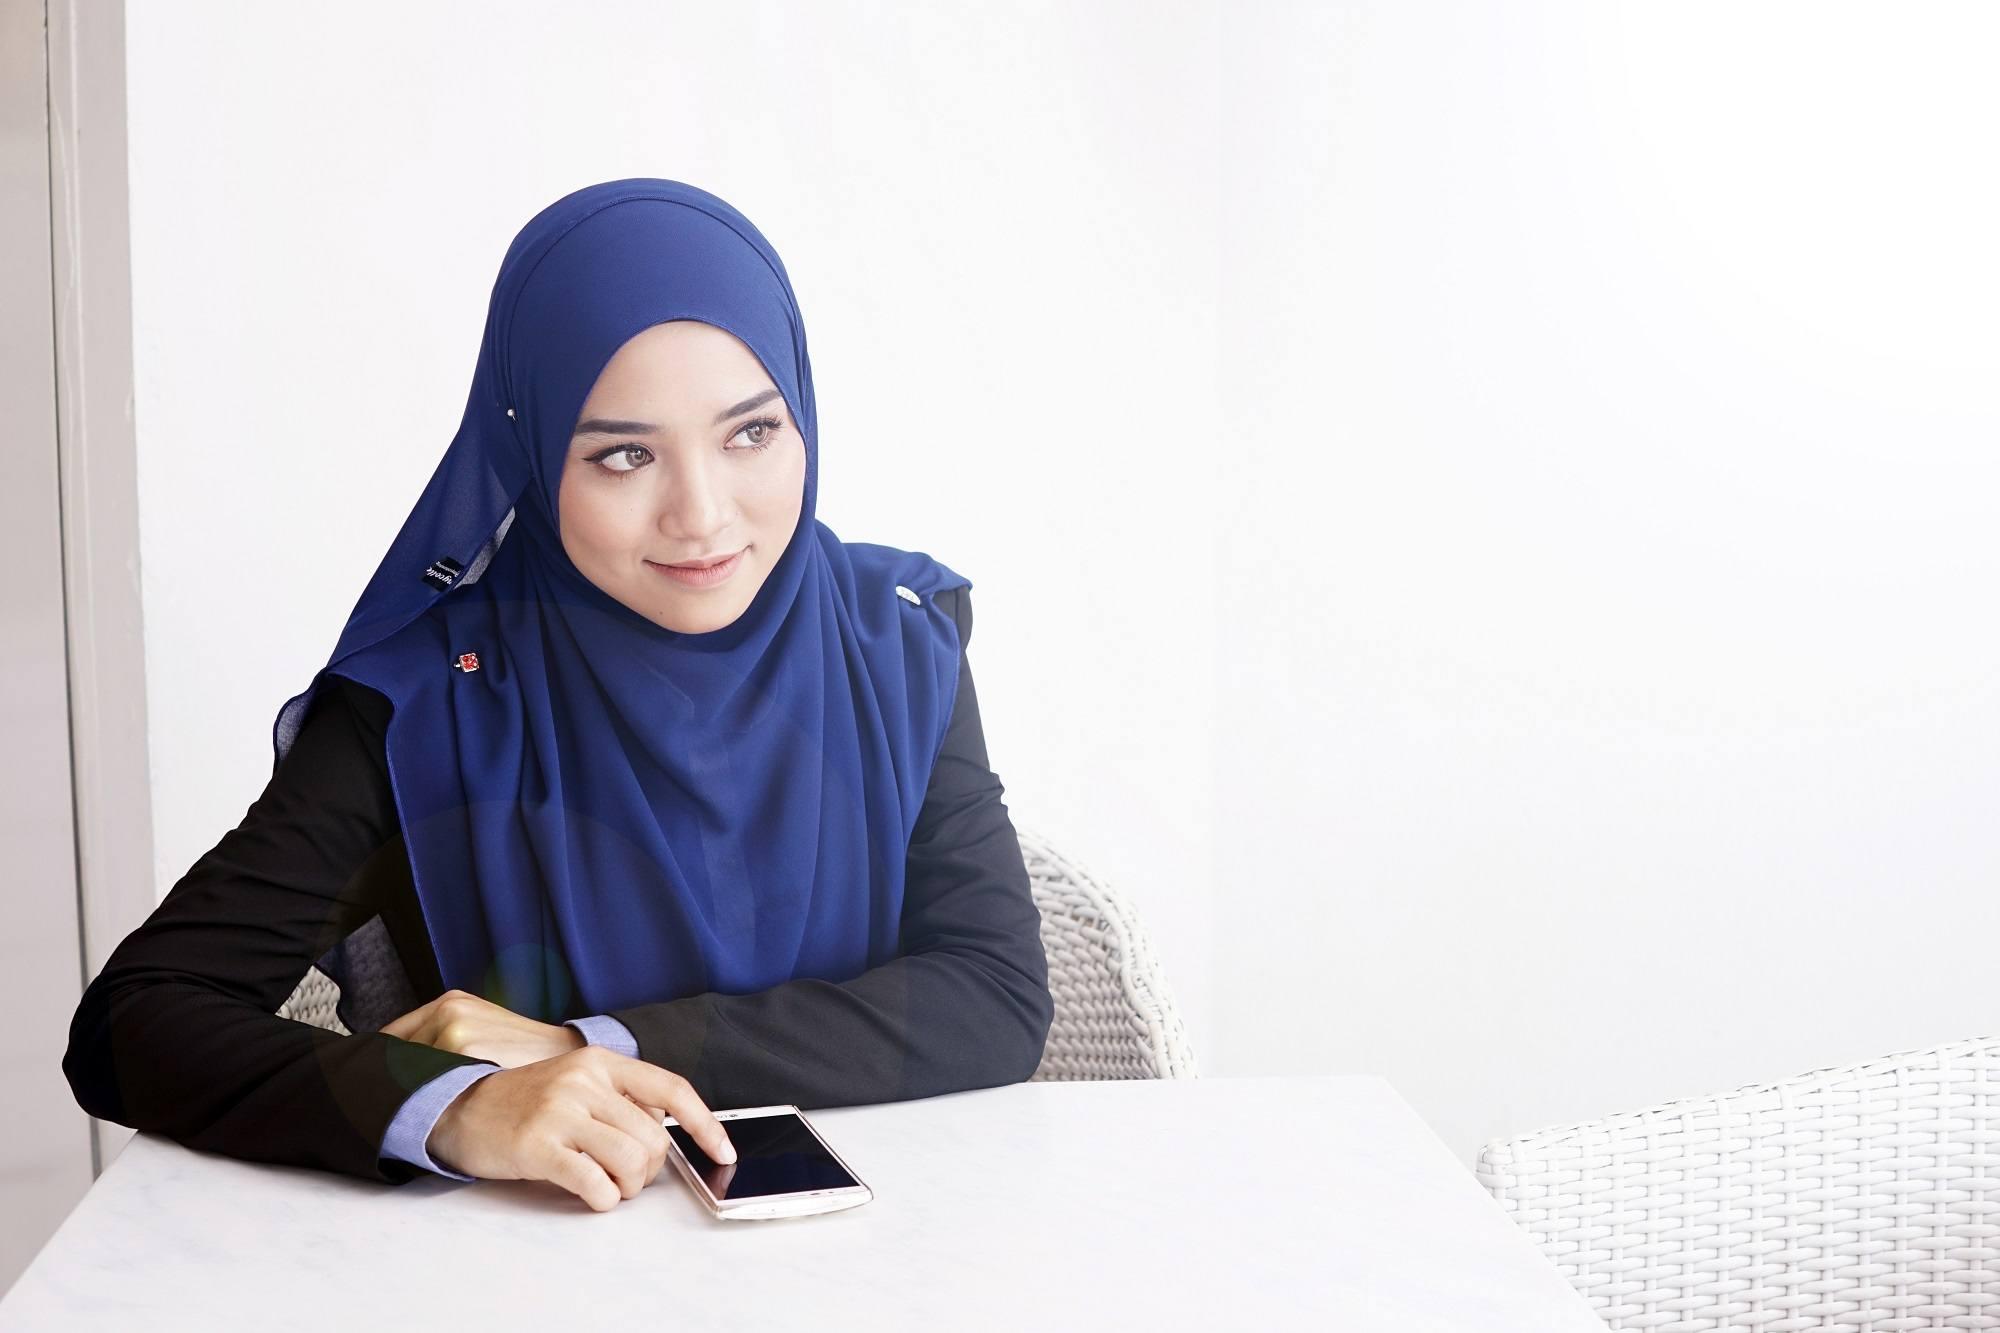 Wanita berhijab pashmina sedang duduk di meja kantor